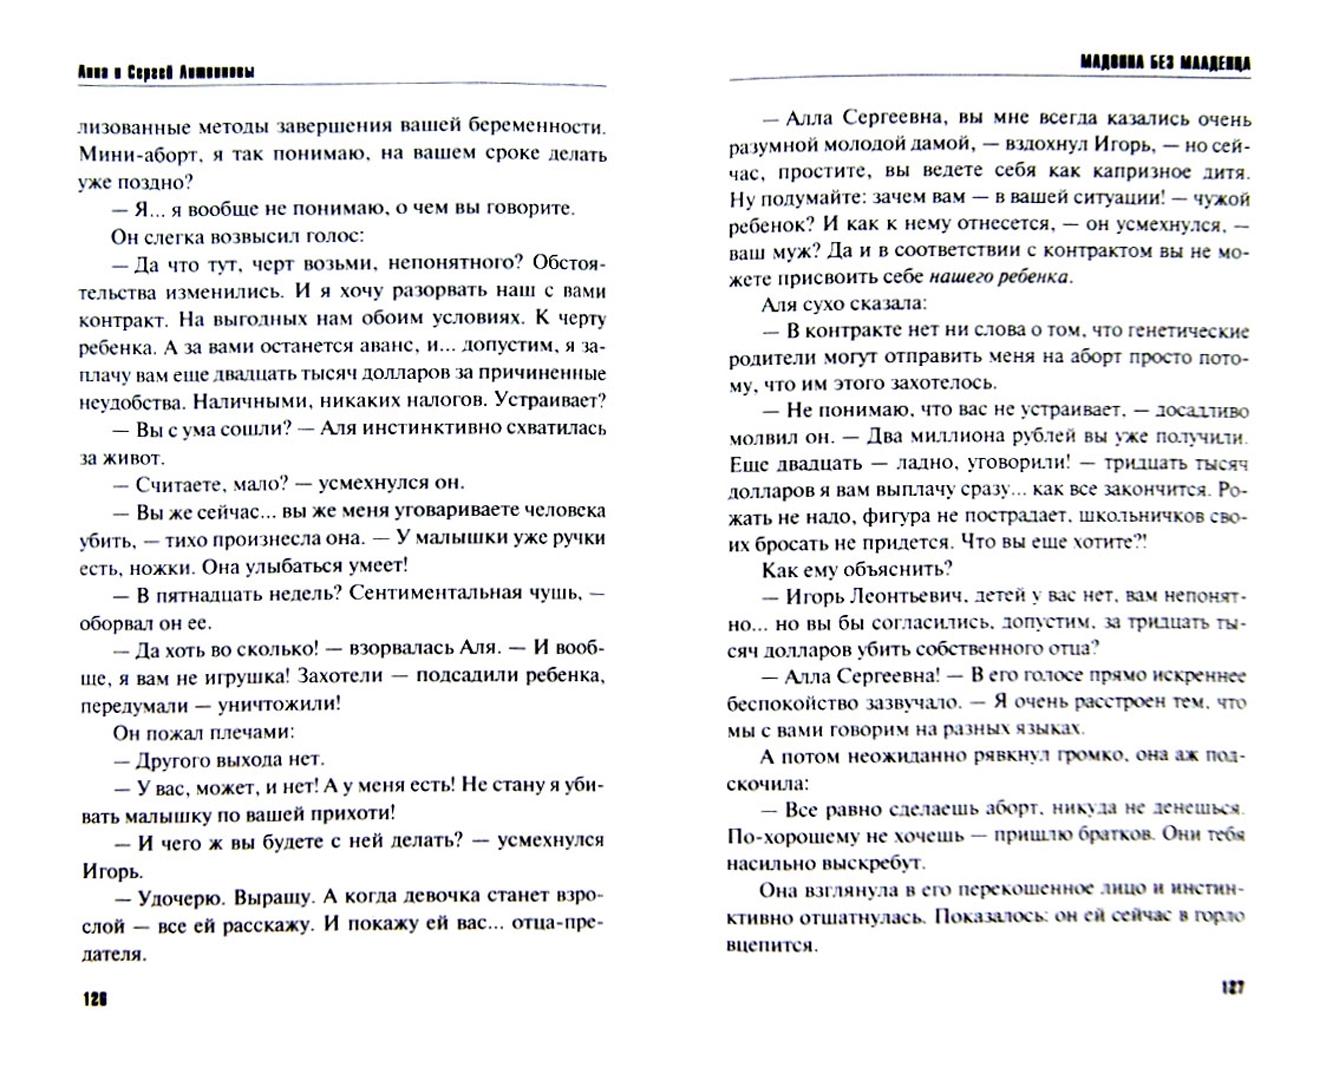 Иллюстрация 1 из 23 для Мадонна без младенца - Литвинова, Литвинов   Лабиринт - книги. Источник: Лабиринт